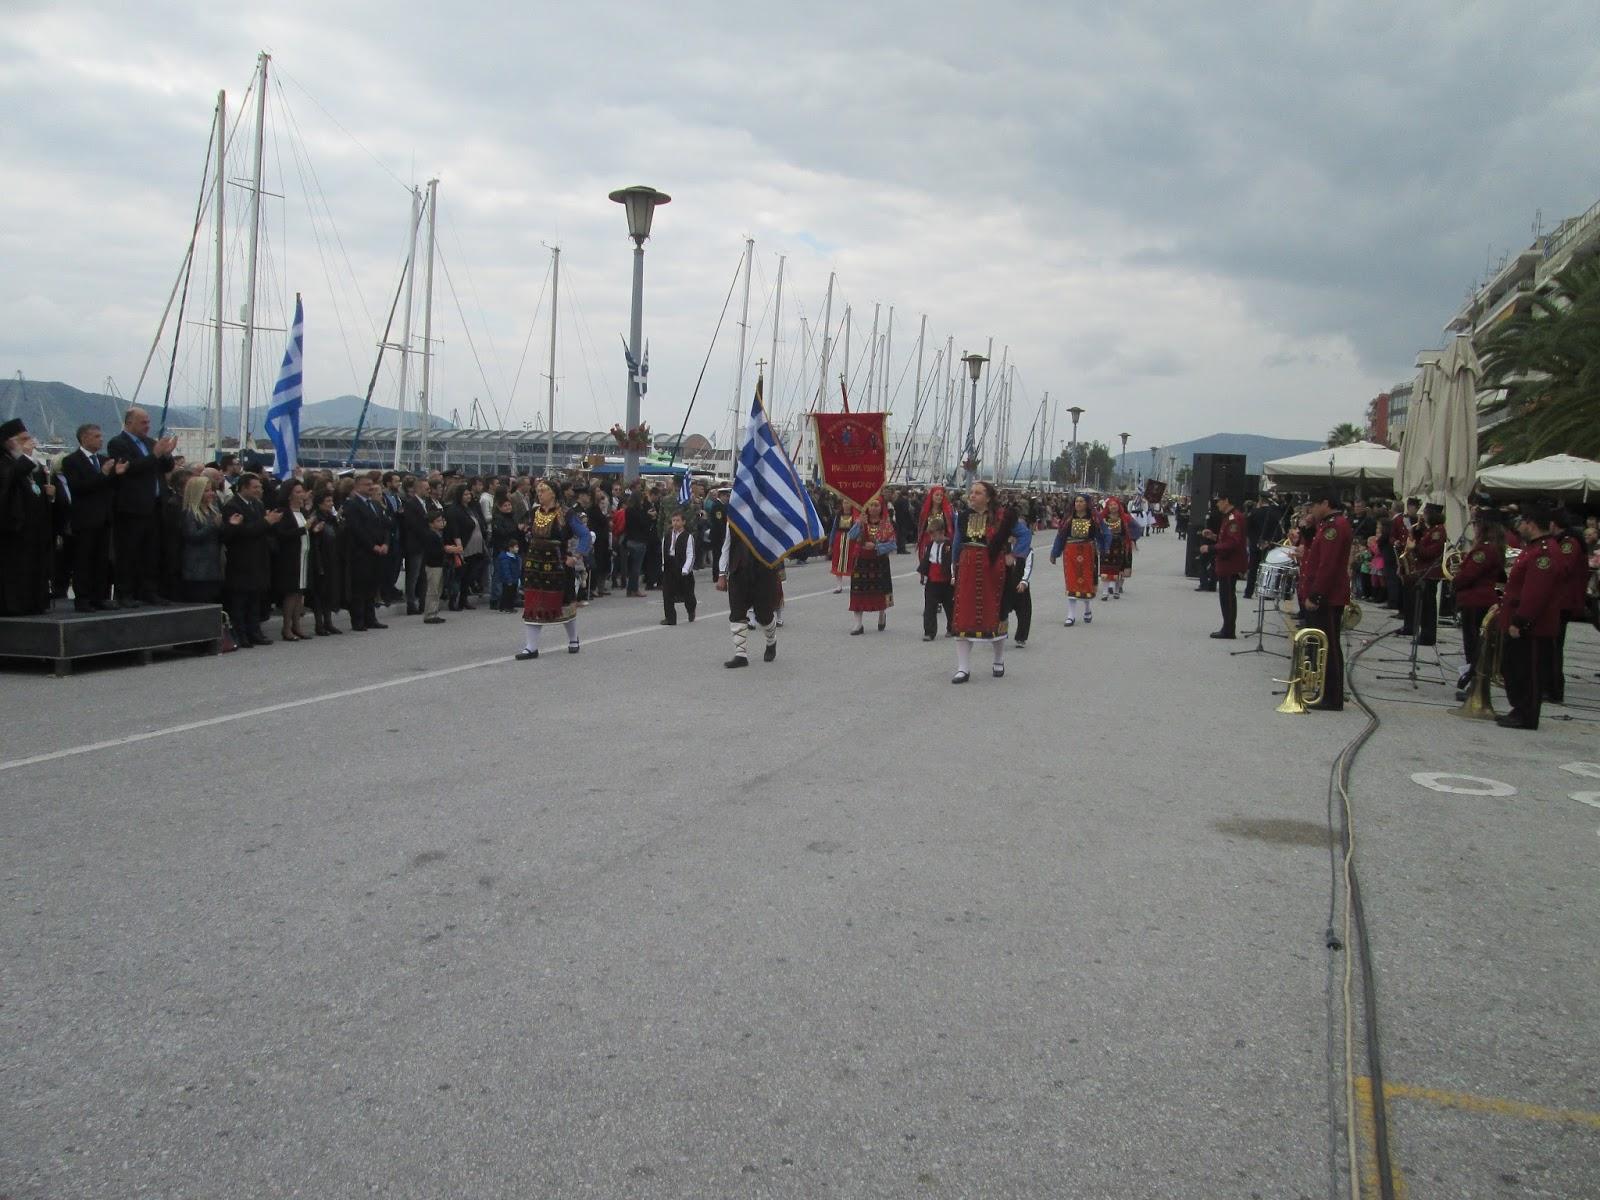 Στην παρέλαση συμμετείχε και ο Σύλλογος Διατήρησης και Προβολής της  Παράδοσης της Ανατολικής Ρωμυλίας Βόλου με αντιπροσωπεία χορευτών από την  παιδική ομάδα ... 58db630e726